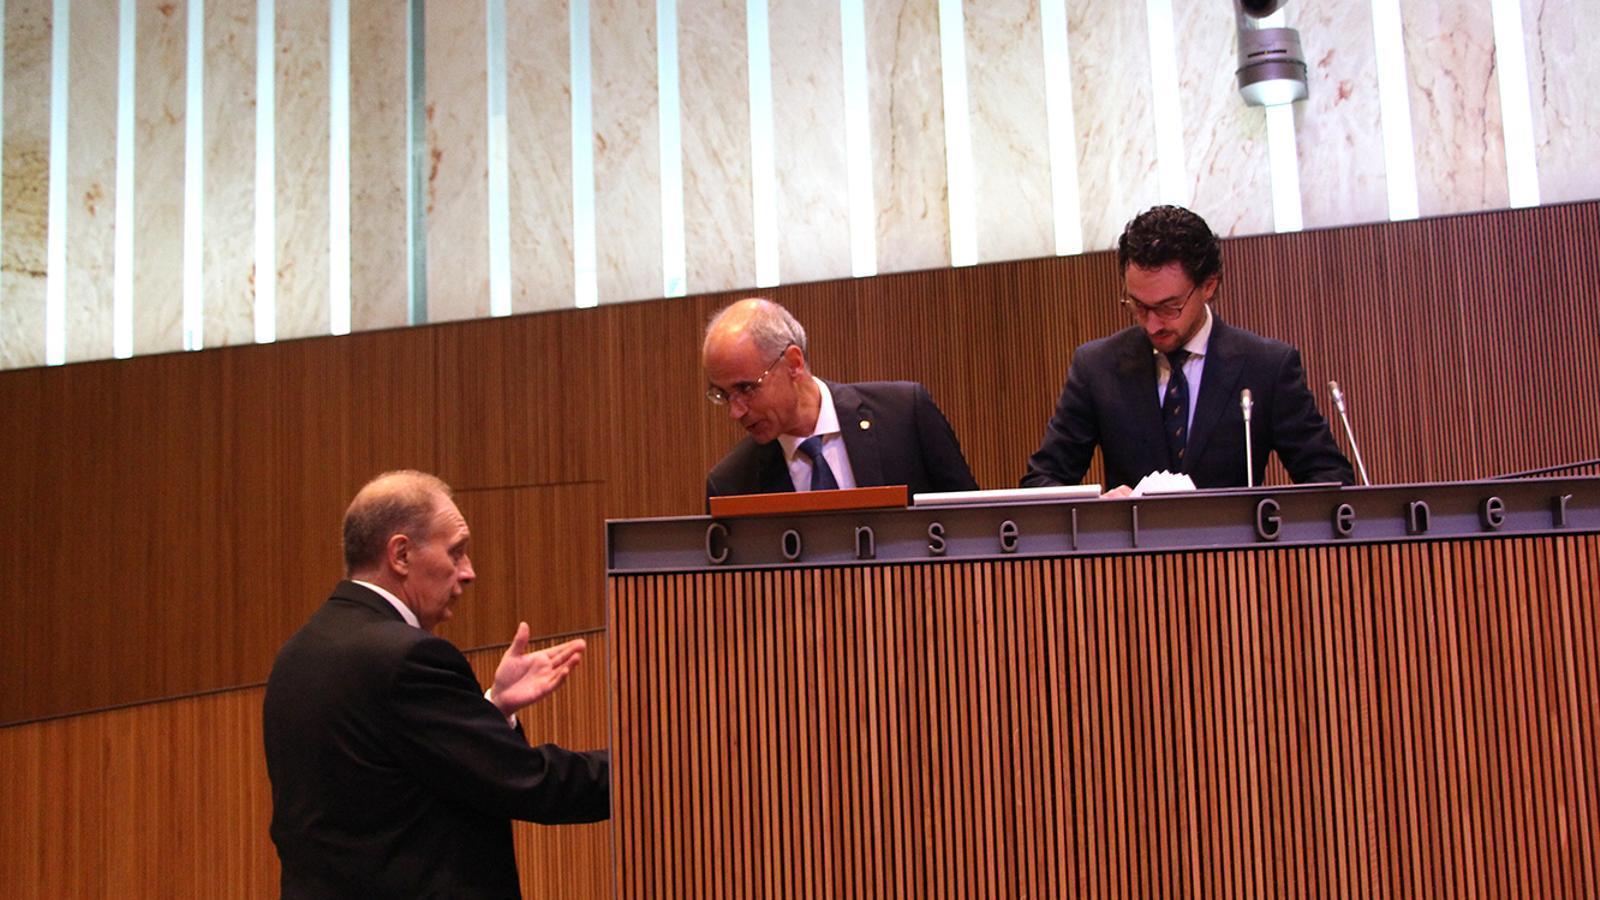 El cap de Govern, Toni Martí, conversa amb el president del grup parlamentari mixt, Josep Pintat, moment abans de l'inici de la sessió al Consell General. / M.F. (ANA)